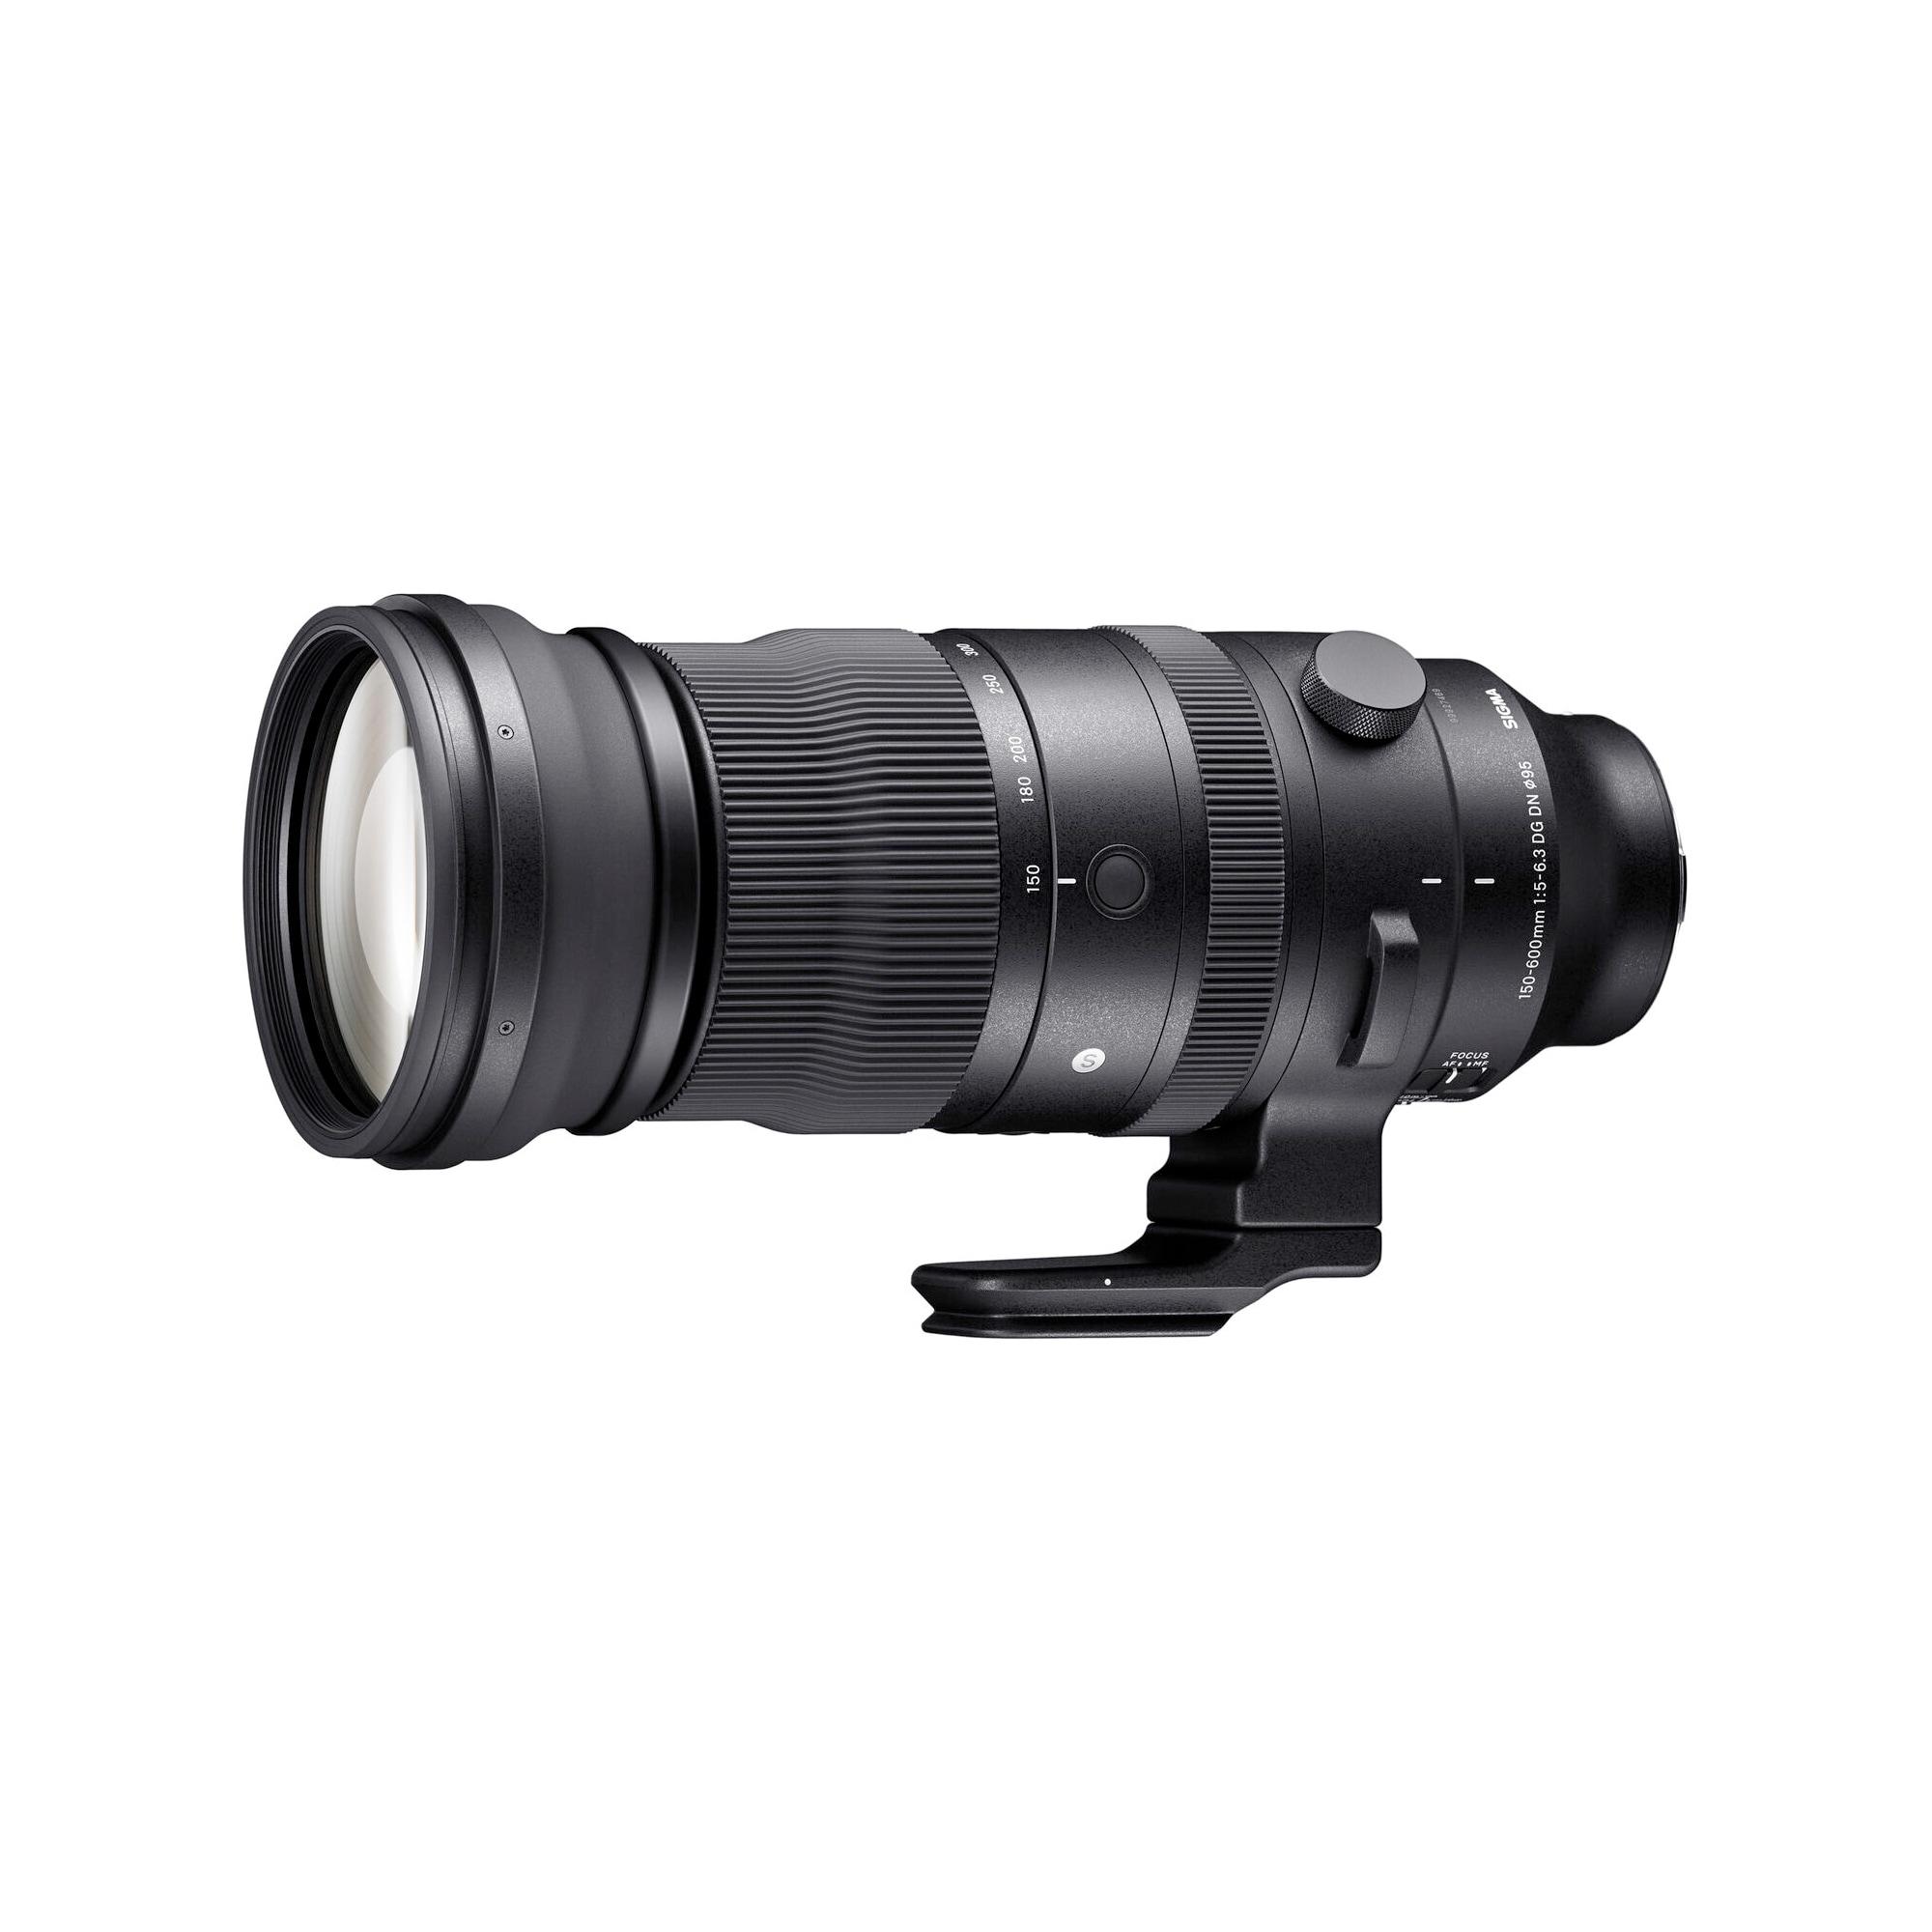 Sigma 150-600MM F5-6.3 DG DN OS SPORTS - Sony